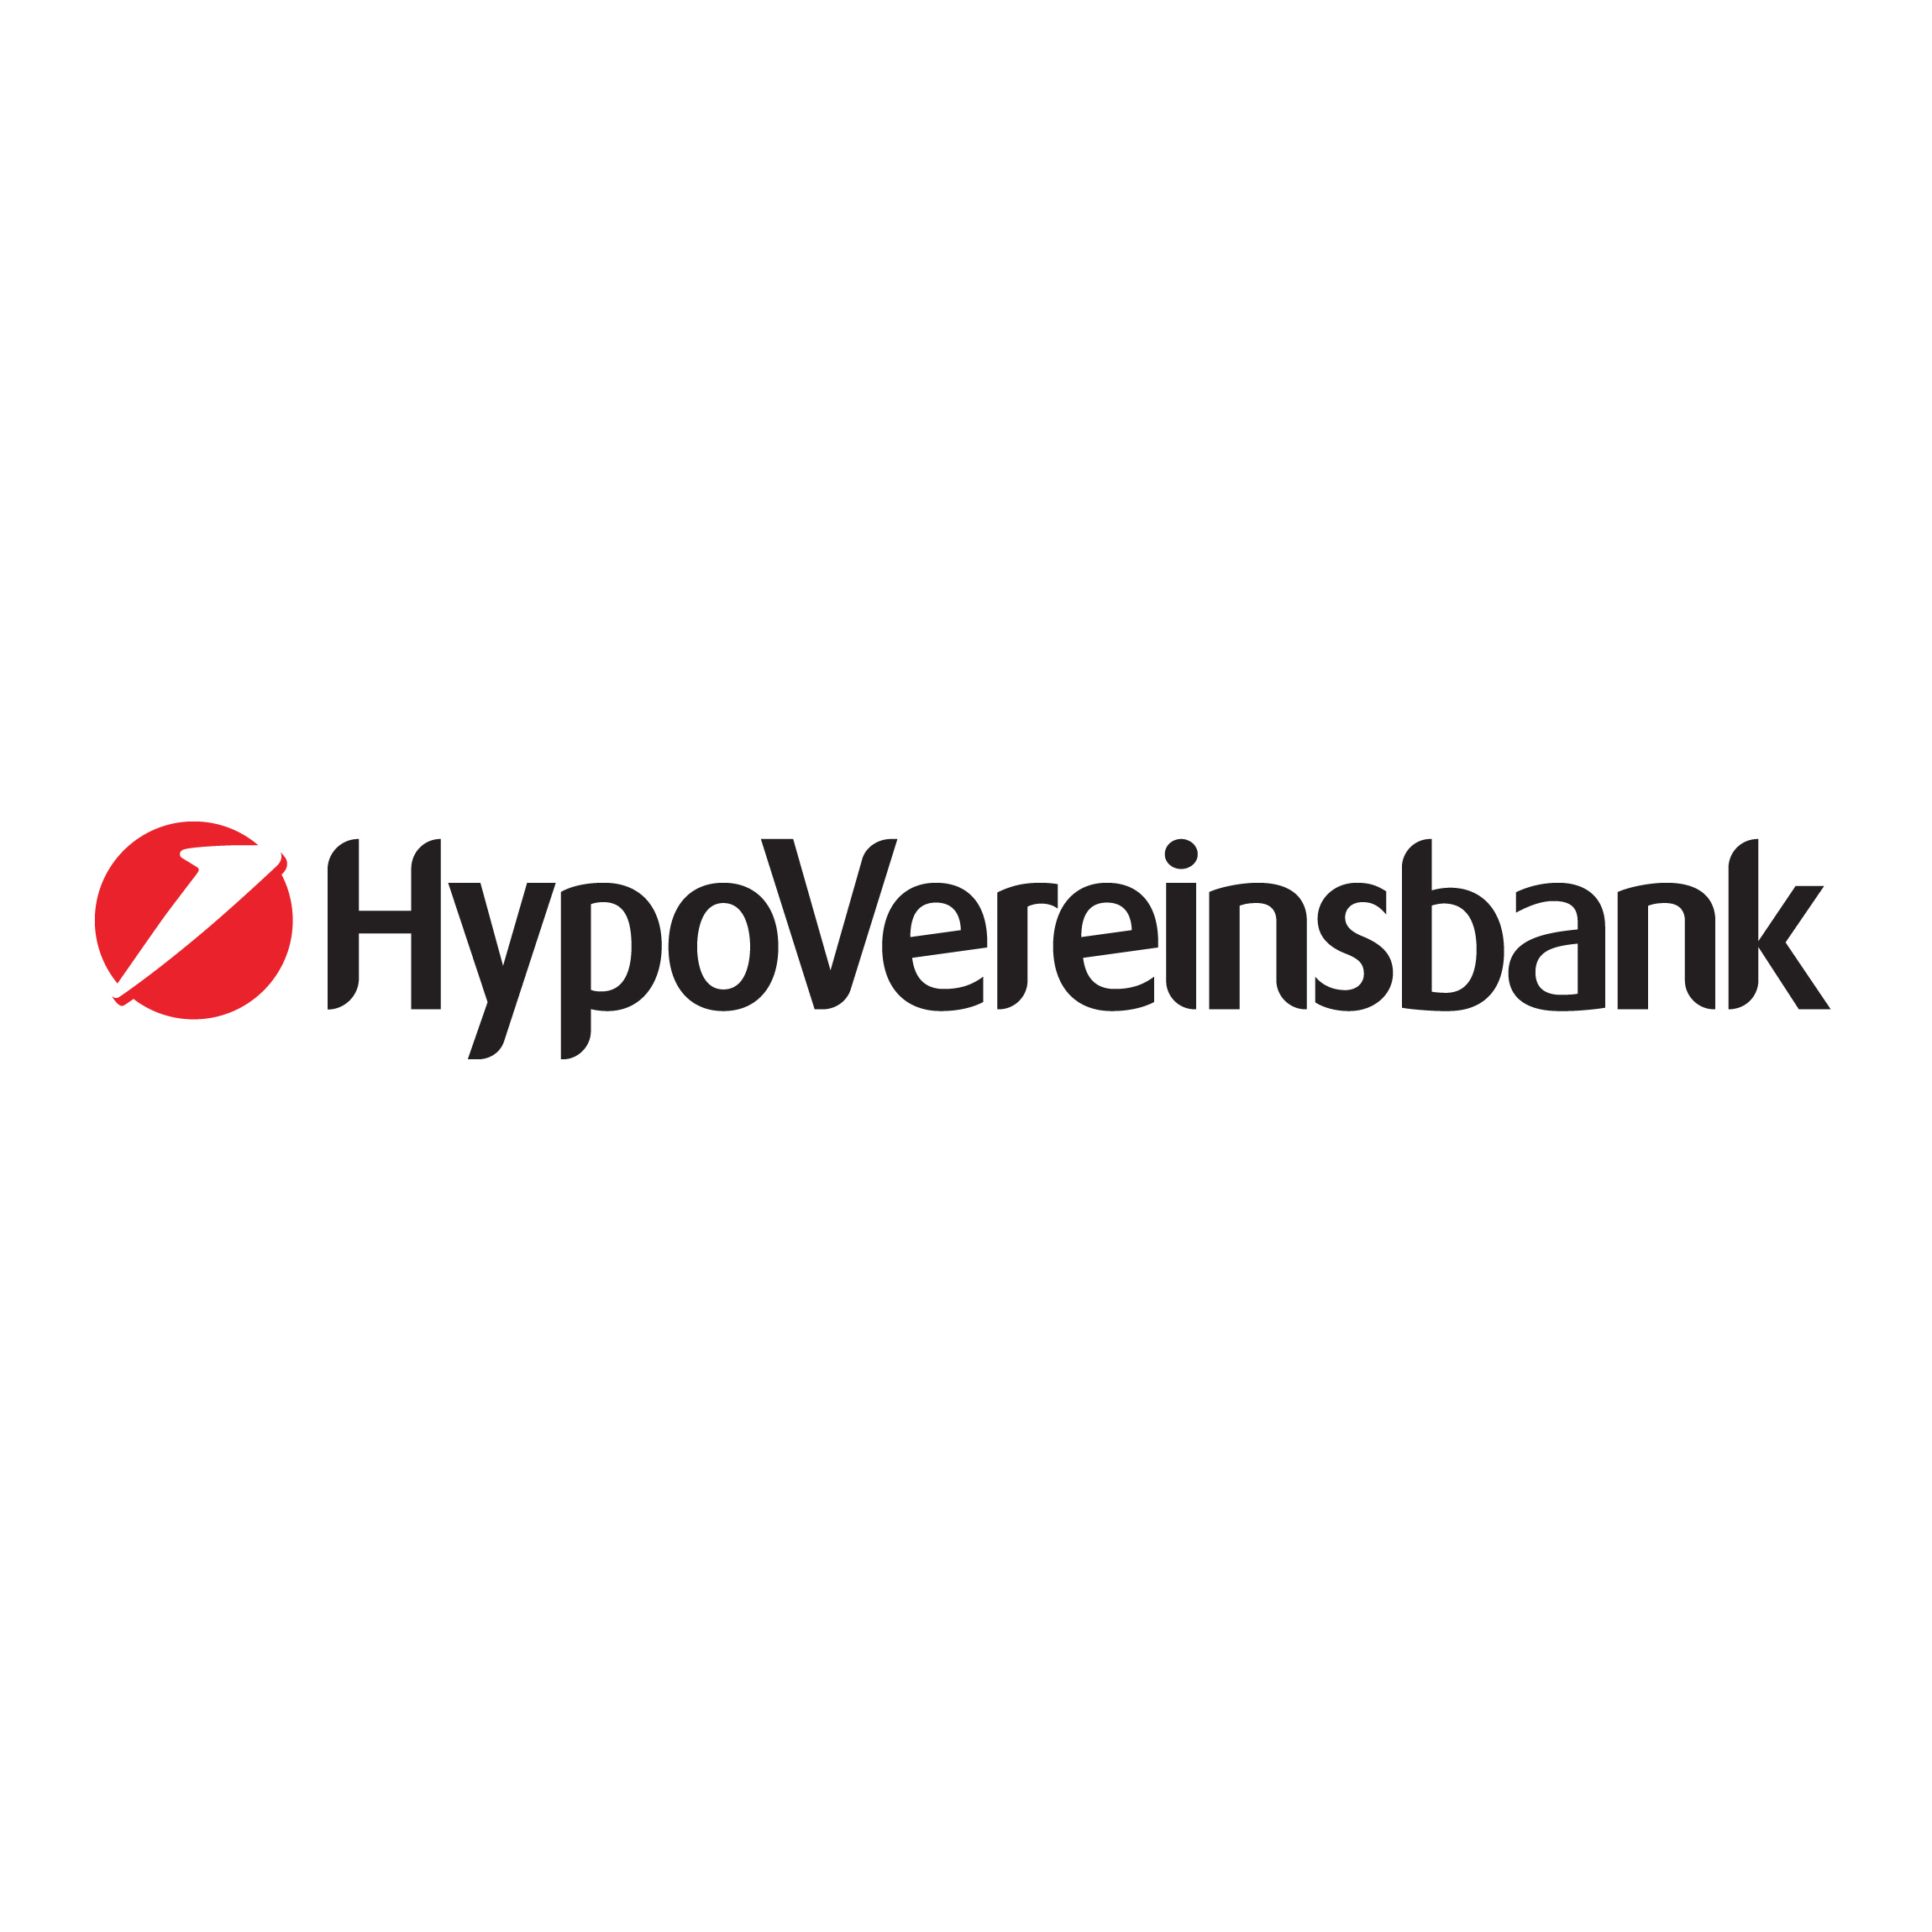 HypoVereinsbank Parsdorf Geldautomat